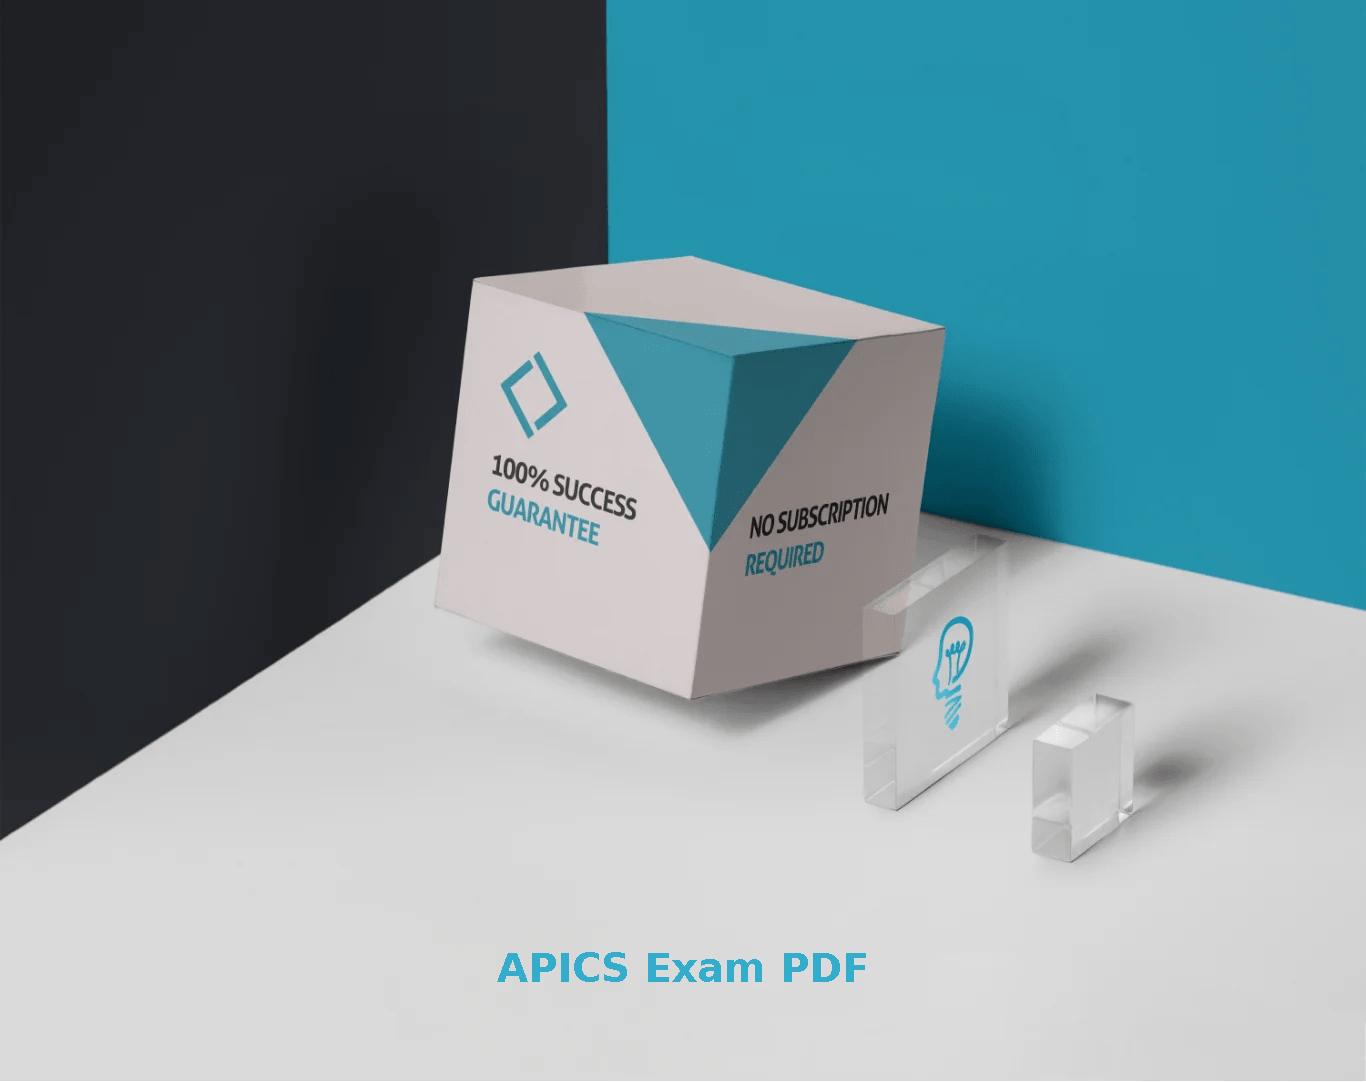 APICS Exam PDF